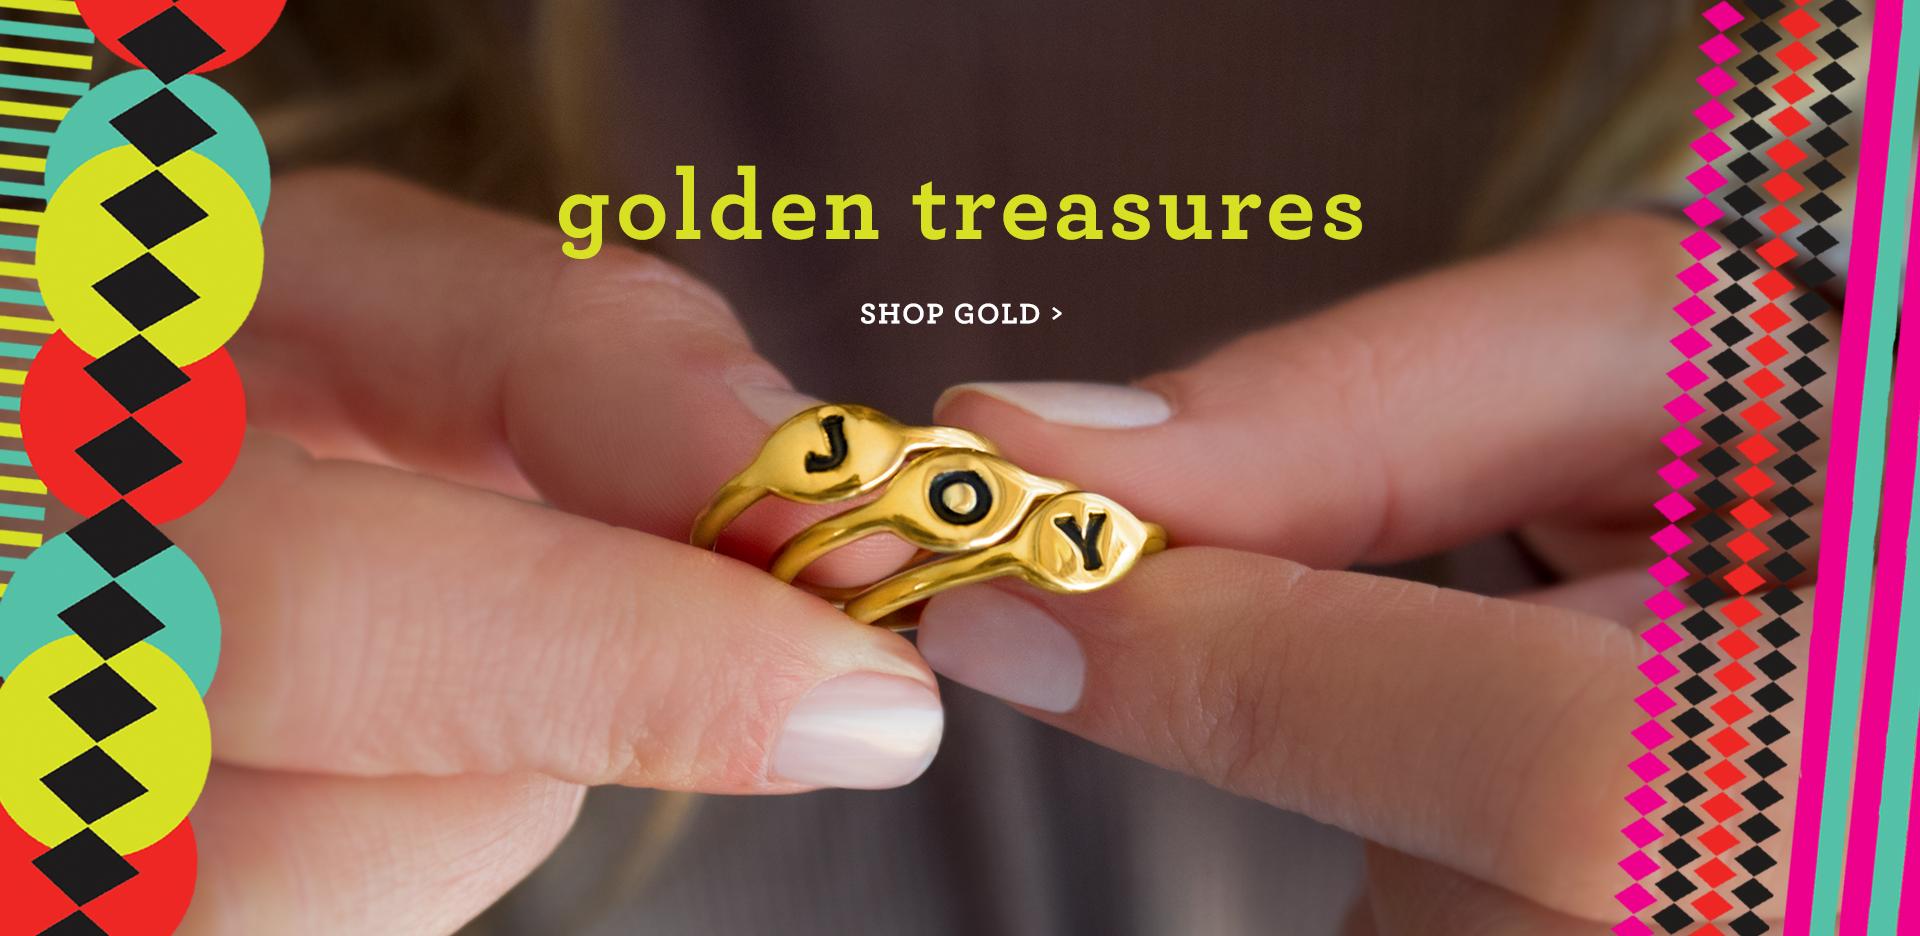 Shop gold 2018